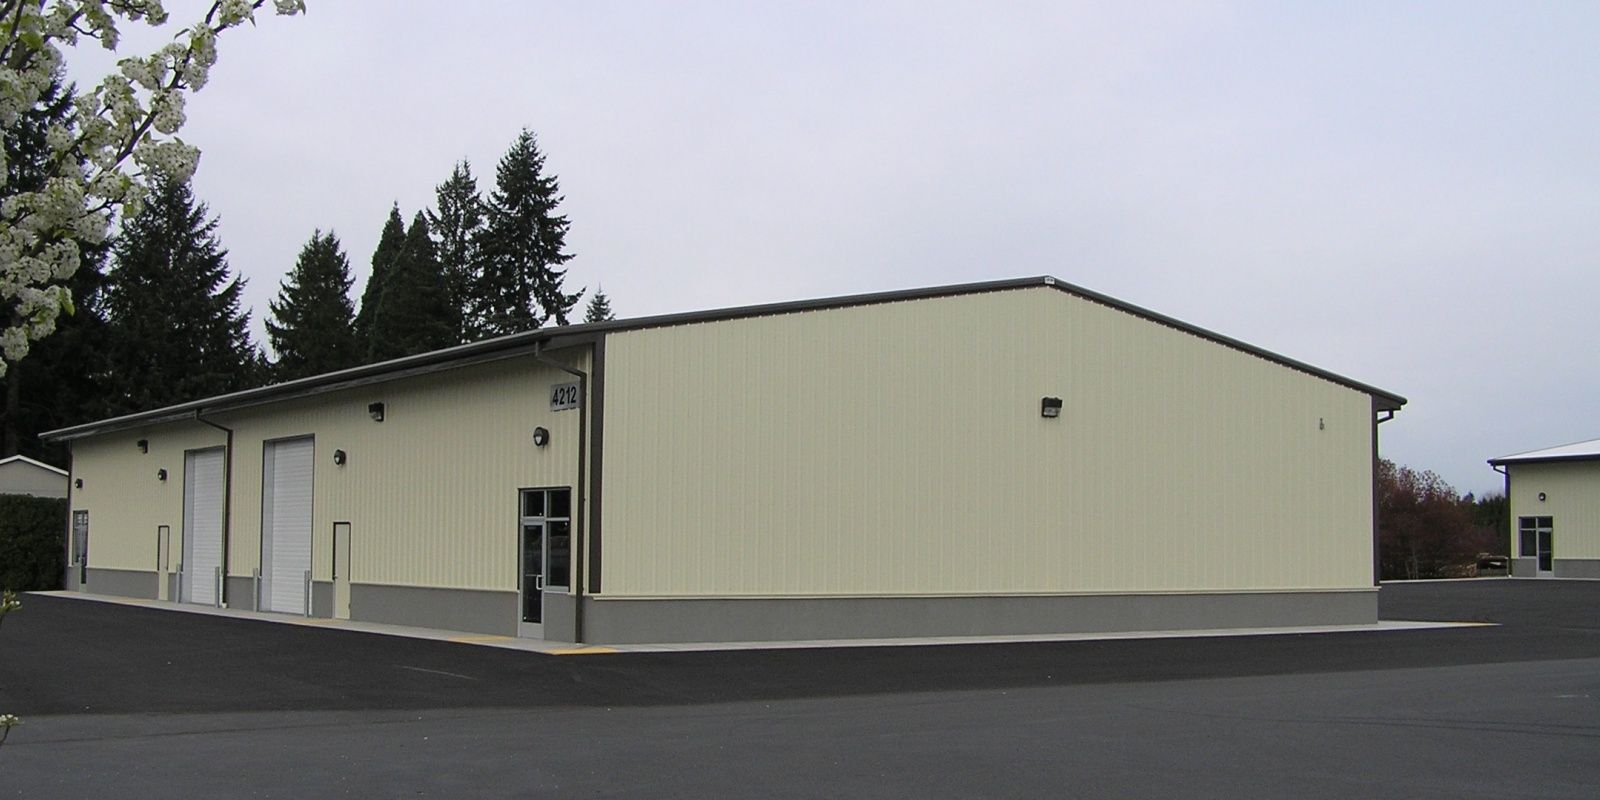 4214 NE Minnehaha Vancouver WA, ,Industrial,Sold/Leased,Minnehaha Corporate Center,4214 NE Minnehaha Vancouver WA,1126